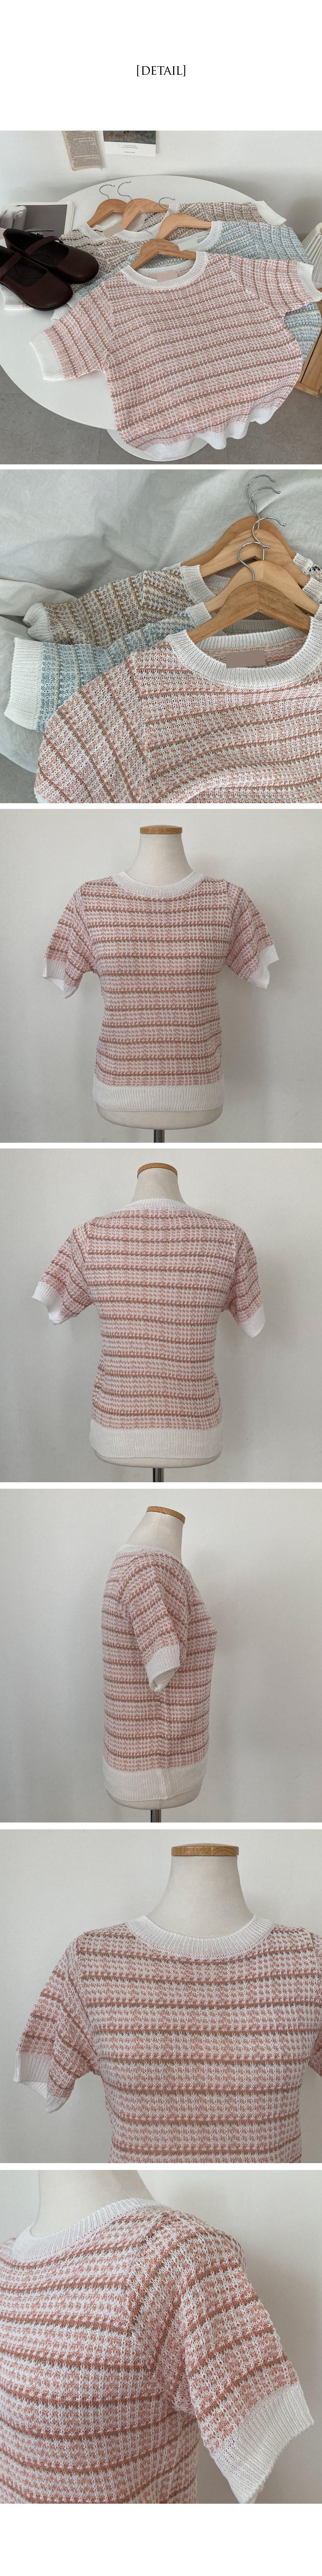 Allotweed Short Sleeve Knitwear